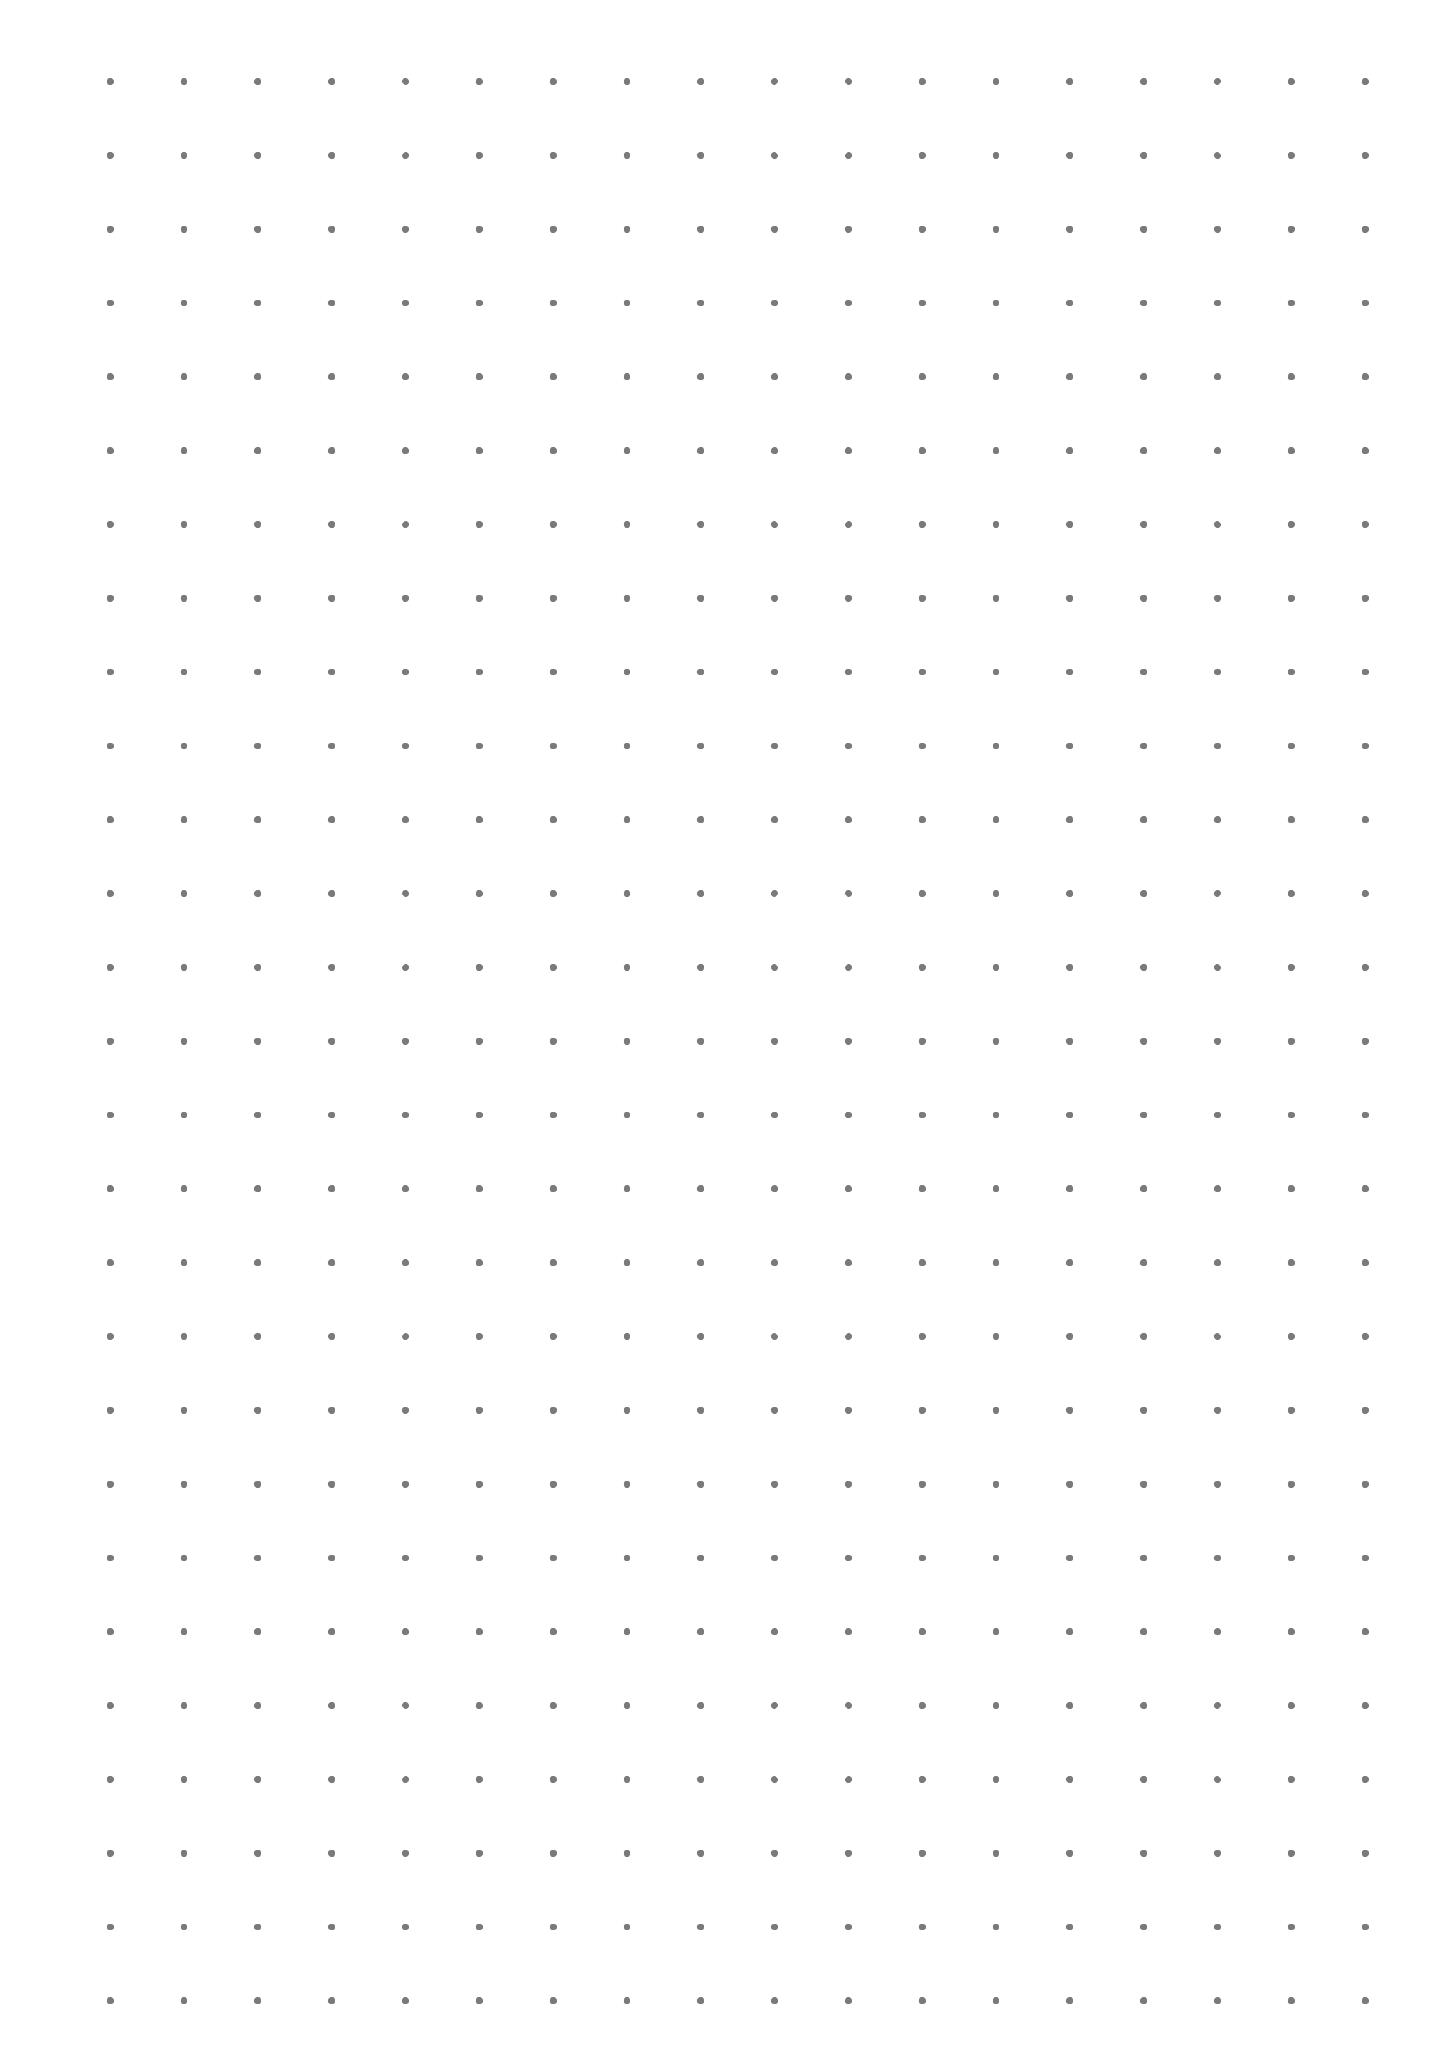 Printable Dot Grid Paper With 7 5 Mm Spacing Pdf Download Plantillas De Letras Para Imprimir Adornos Para Cuadernos Hoja De Cuaderno